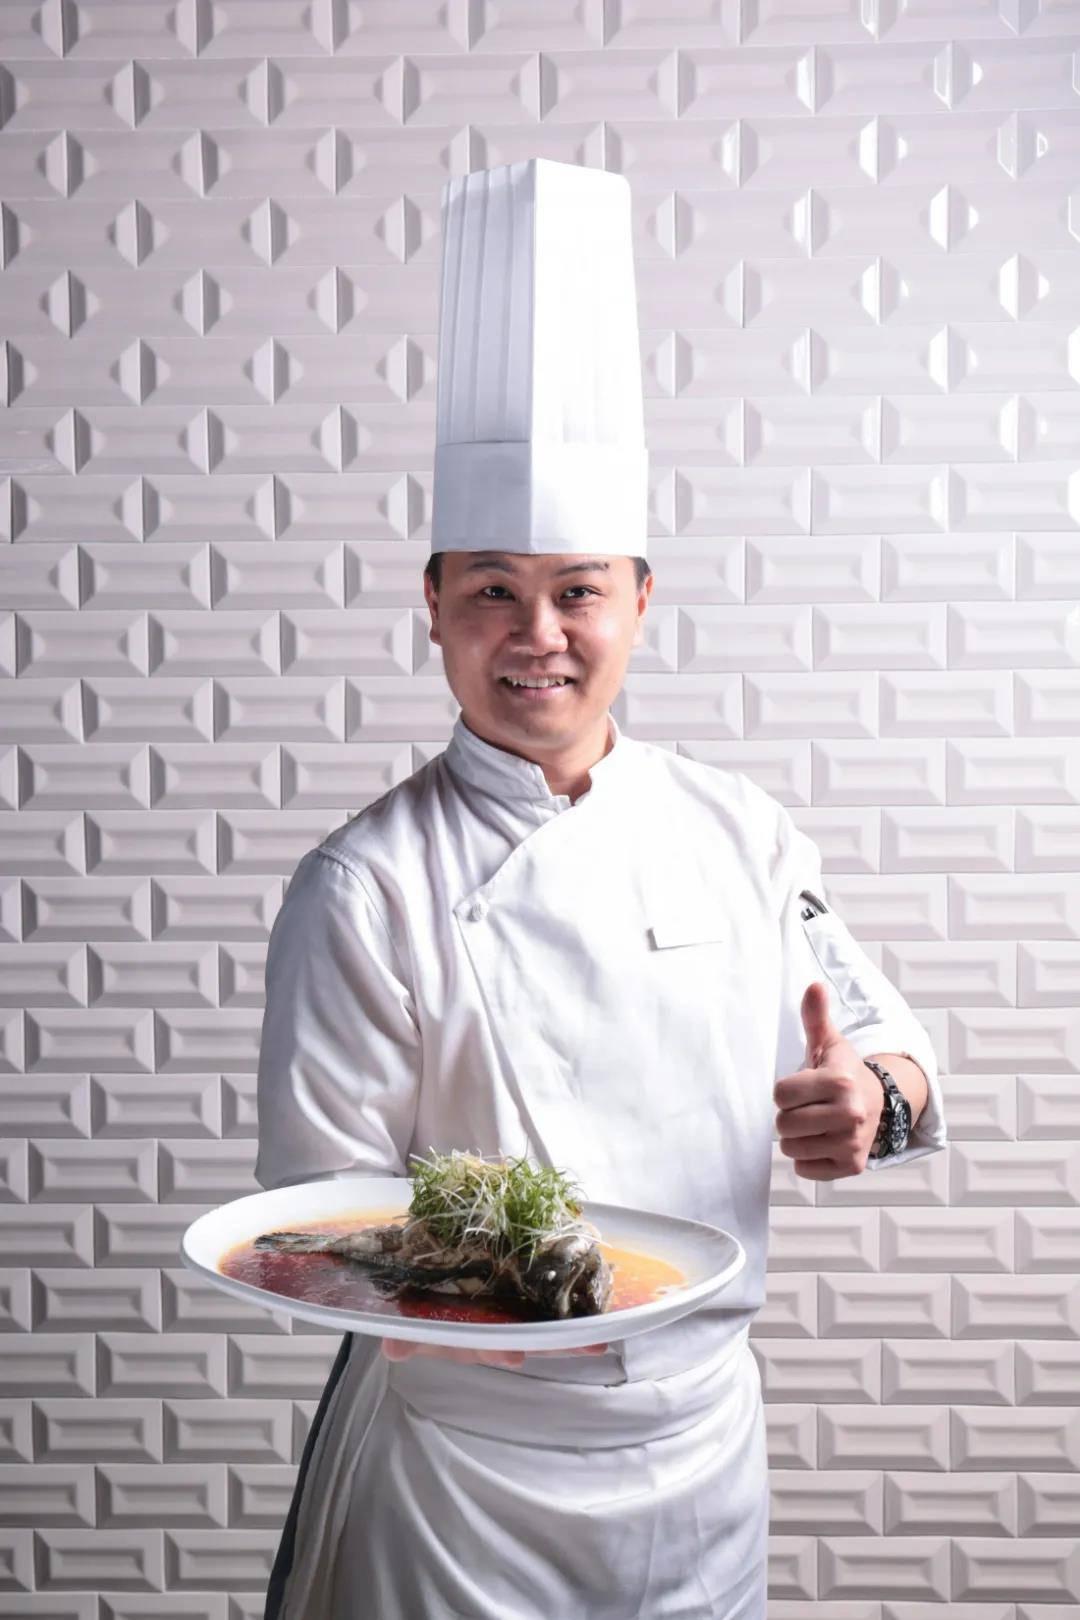 广州市白云工商技师学院烹饪专业优秀毕业生陈文强